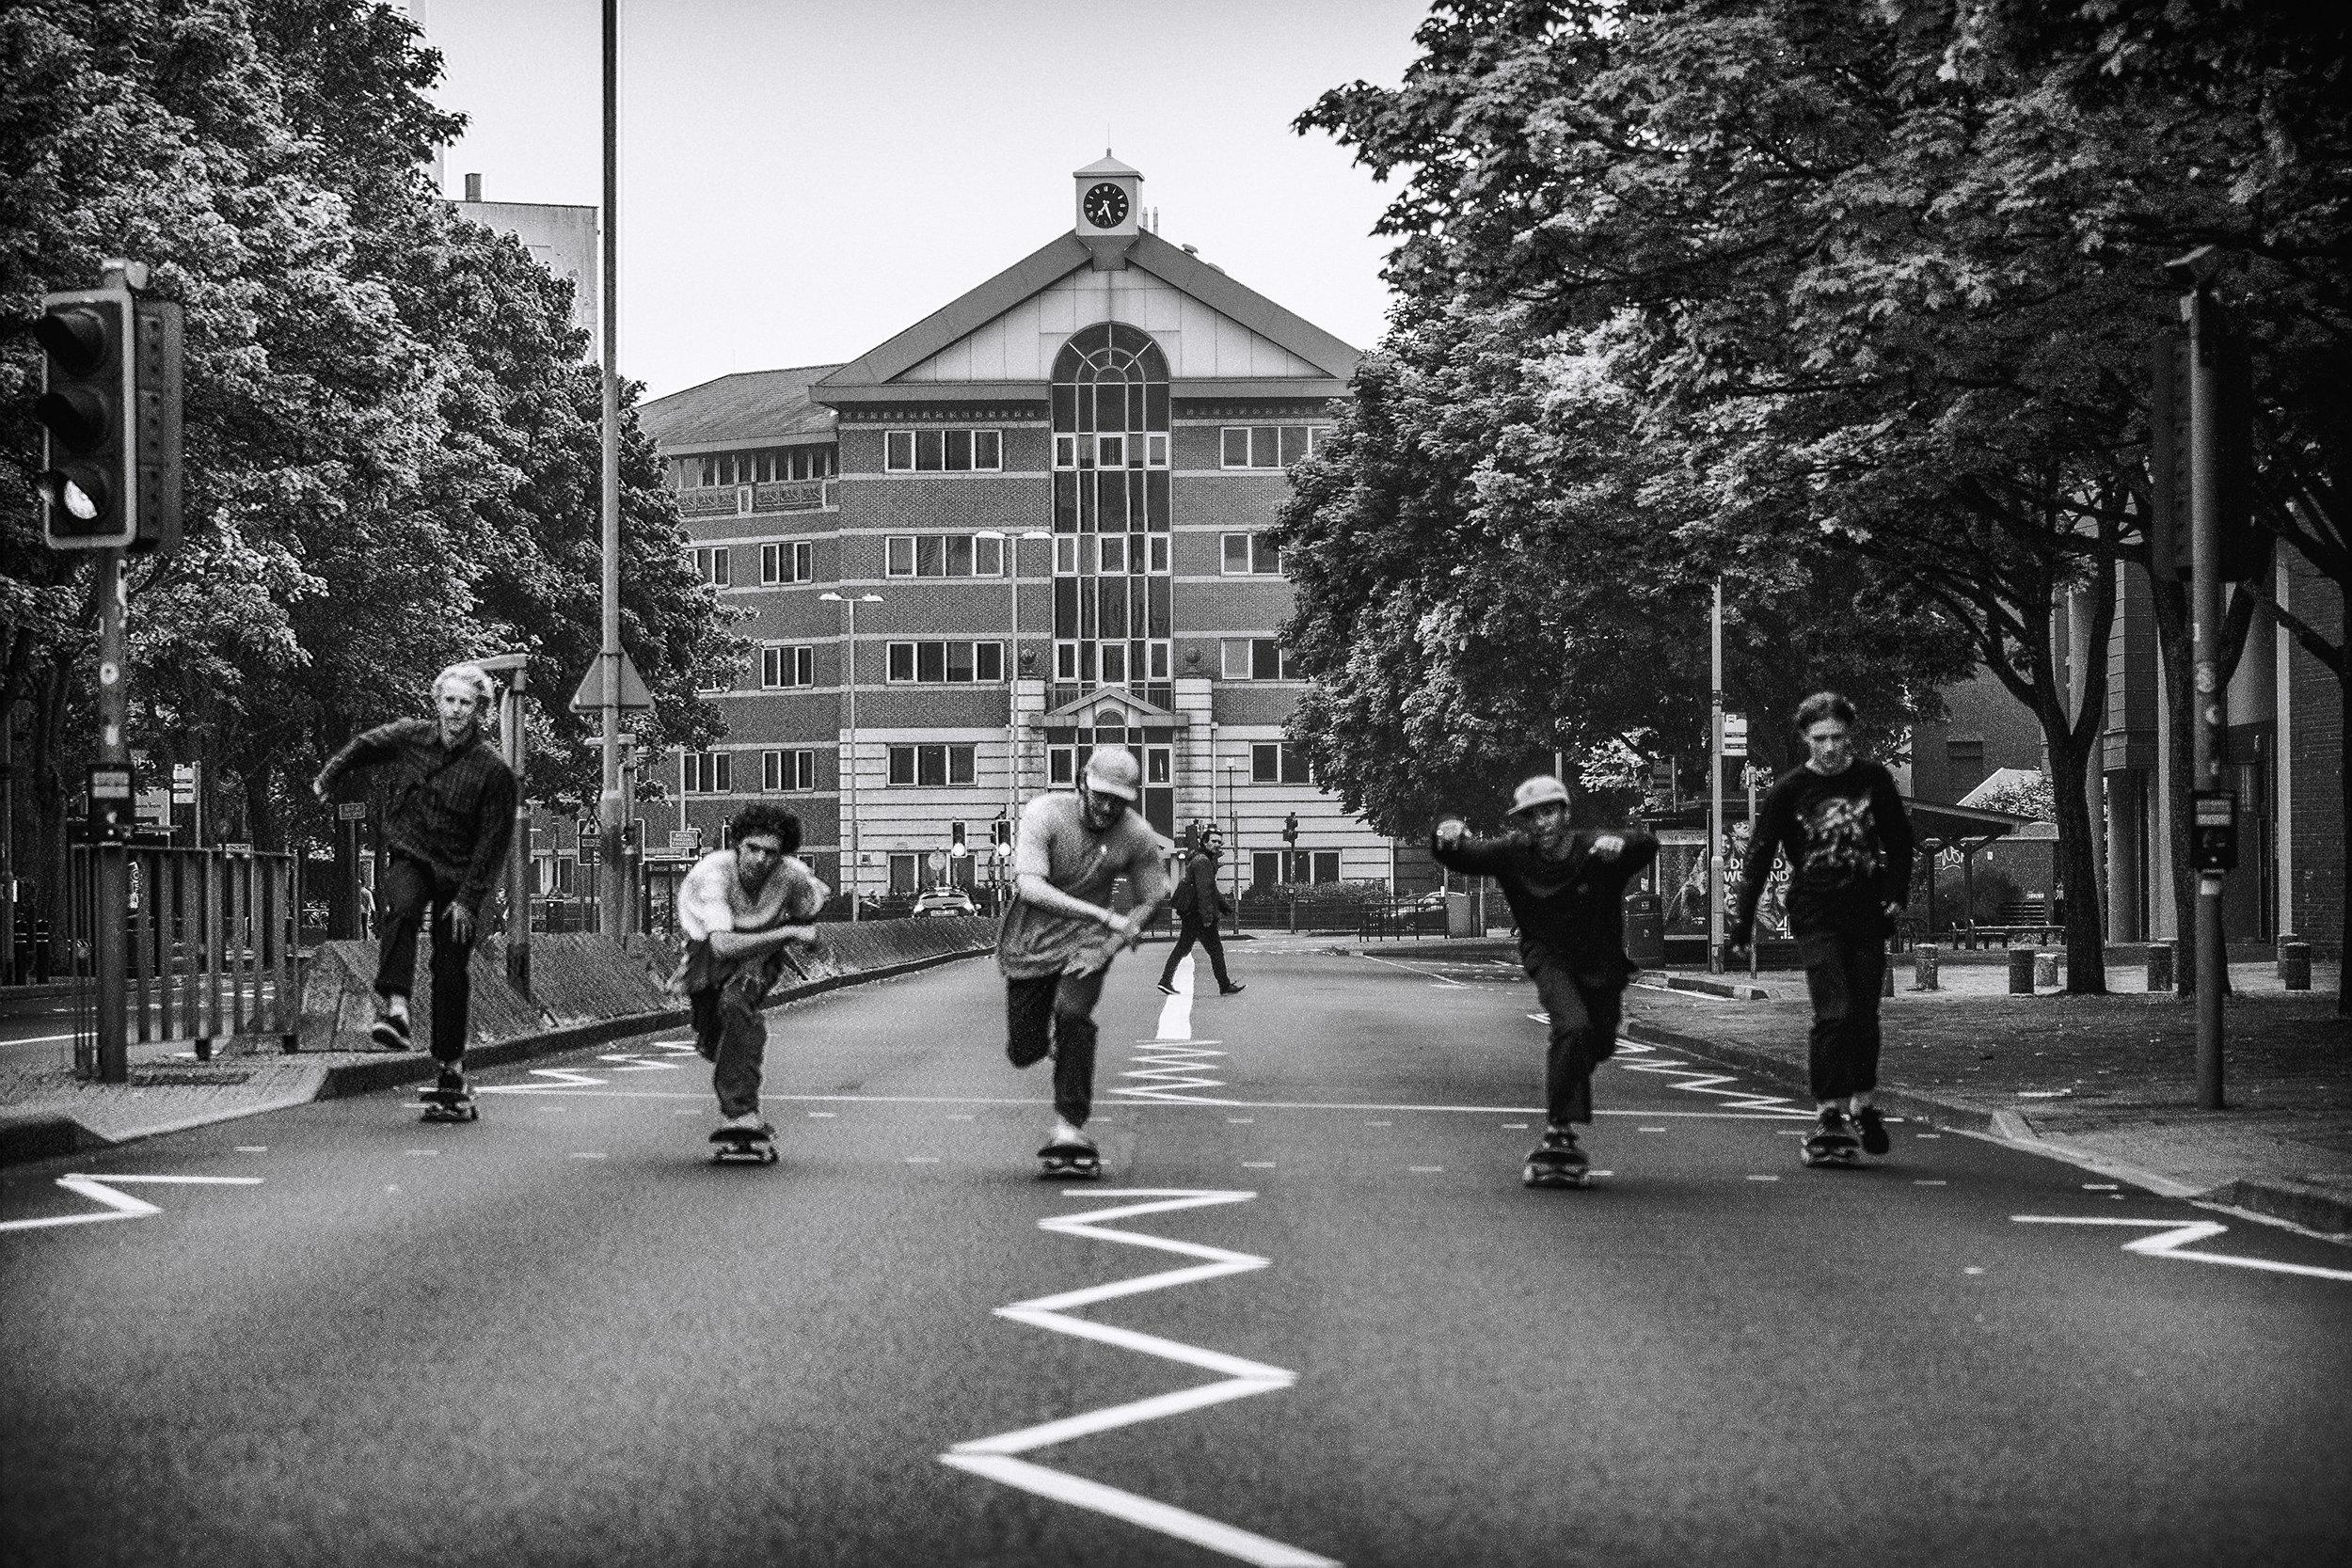 GO-SKATEBOARDING-DAY-UK.jpg